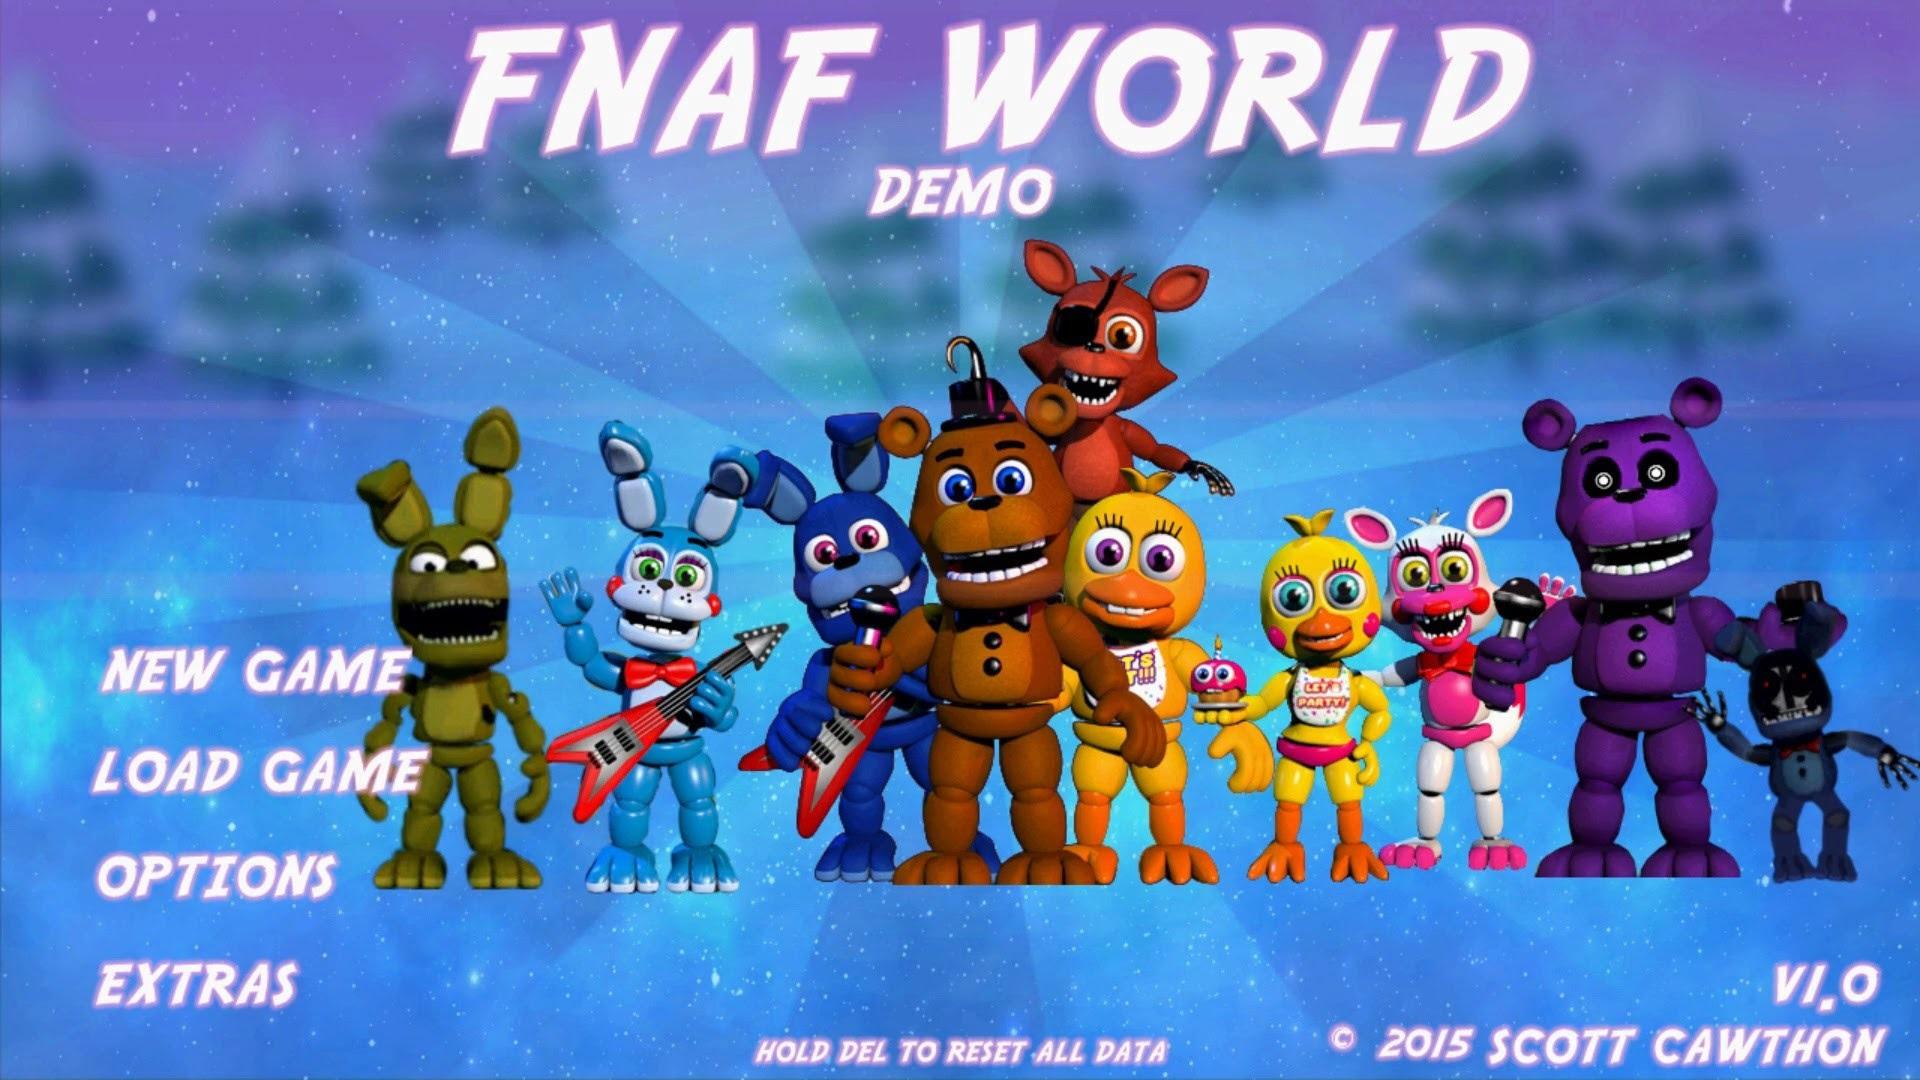 Fnaf World Wallpaper Hd 81 Images